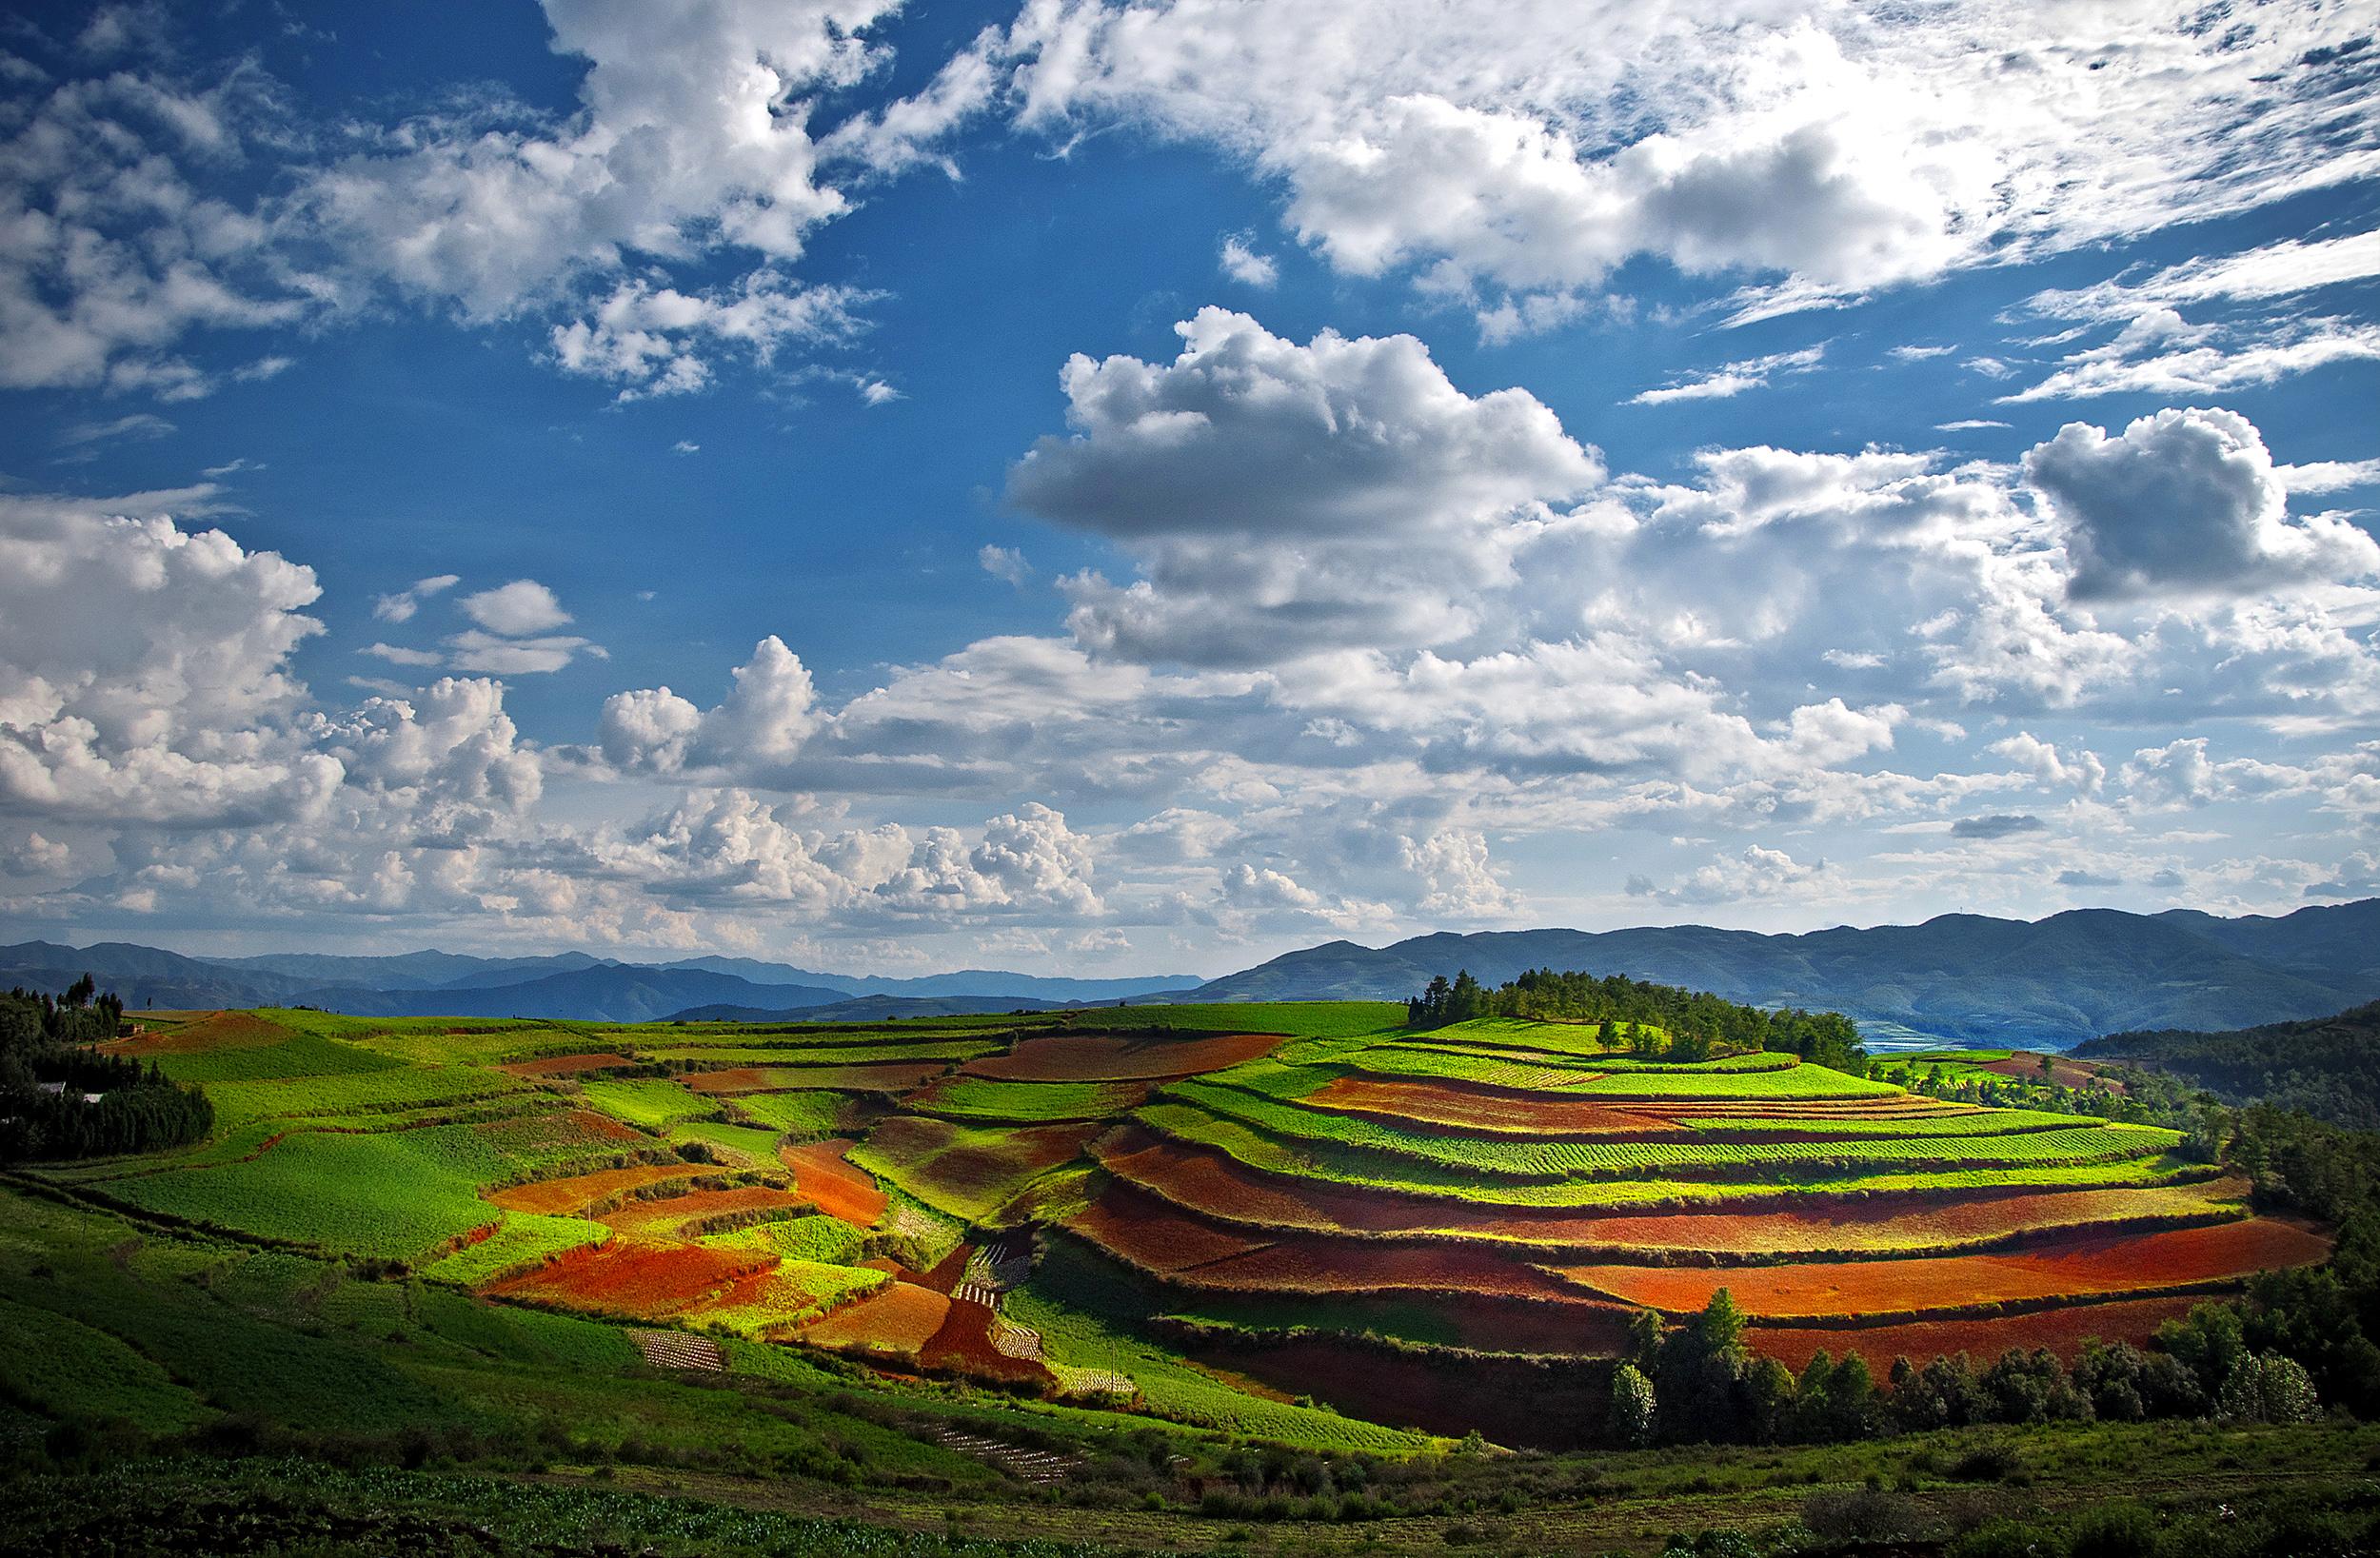 Beauty of farmland